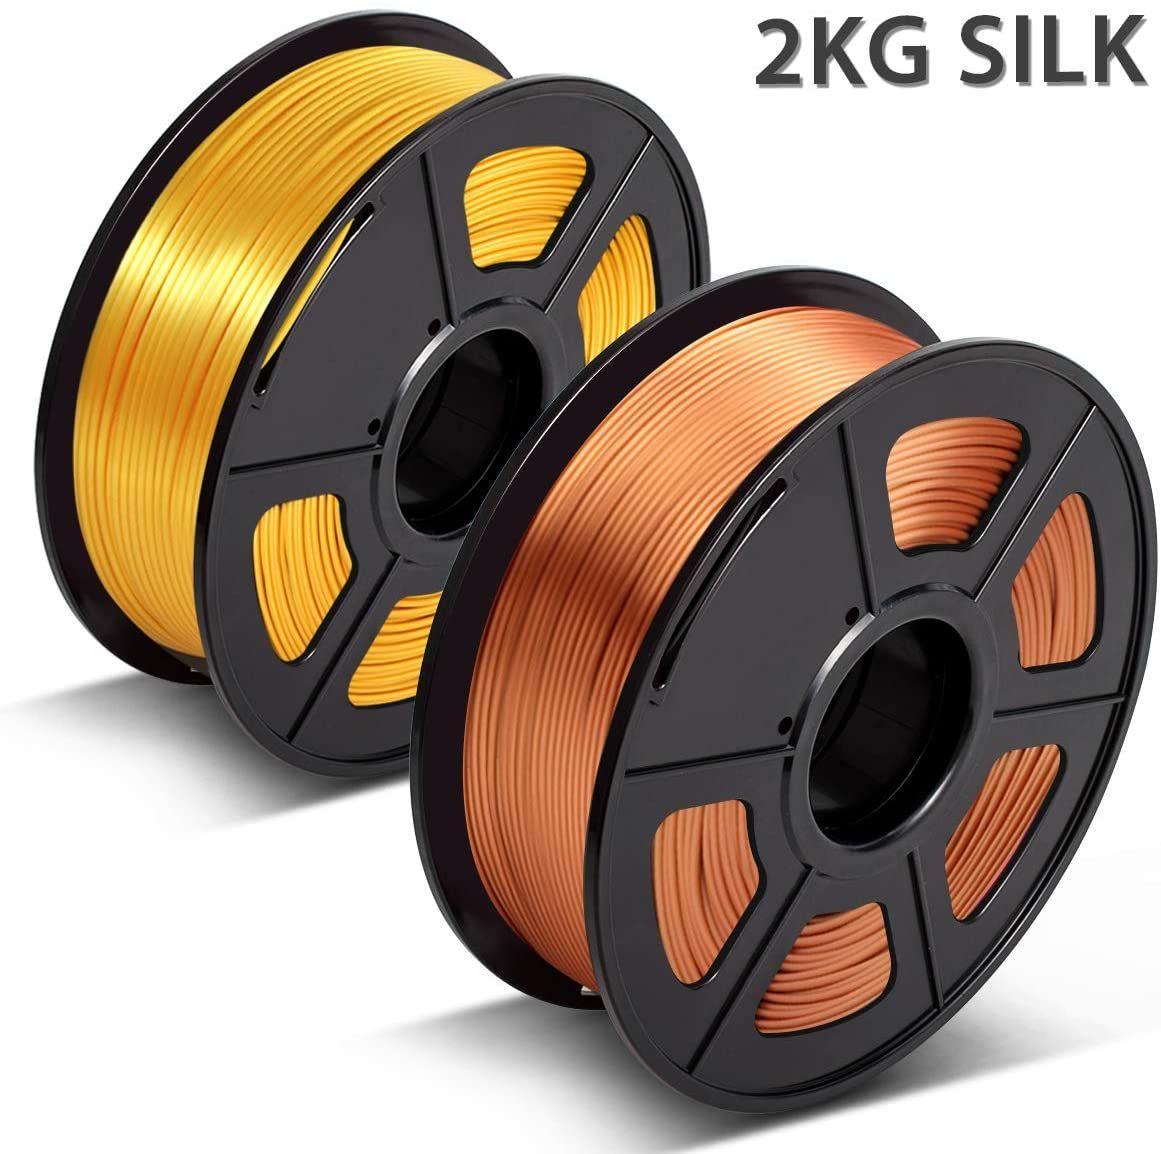 SUNLU 3D Filament 1.75 Red Copper 2KG PLA Filament 0.02mm for 3D Printer 3D Pens,Light Gold Shiny Silk PLA Filament 1.75mm